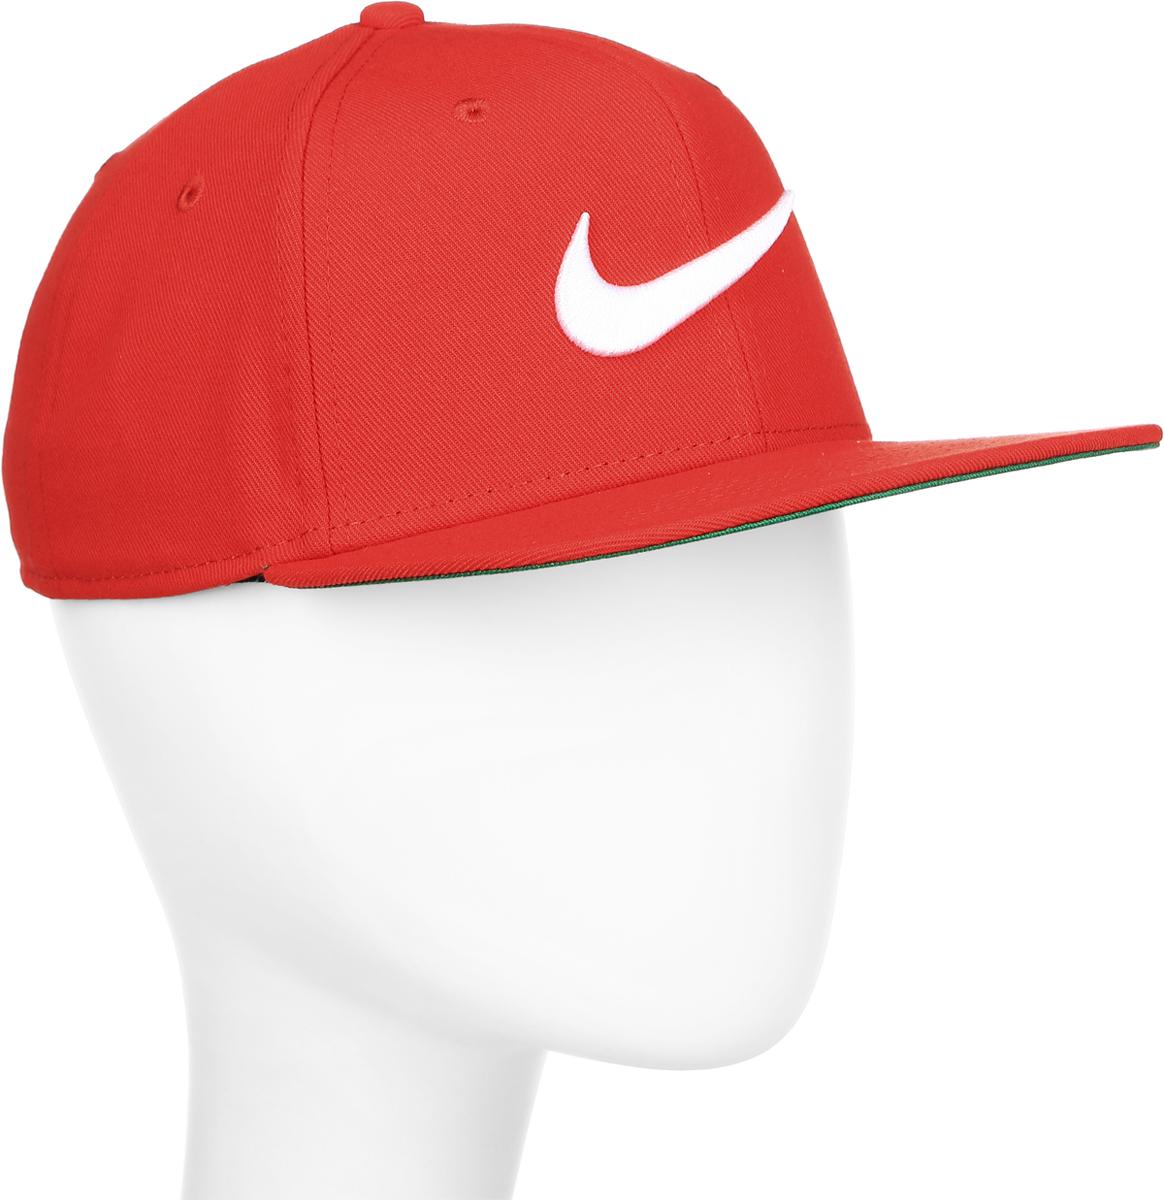 Бейсболка Nike Swoosh Pro, цвет: красный. 639534-658. Размер универсальный639534-658Бейсболка Swoosh Proот Nike выполнена из полиэстера. Модель имеет плотный козырек и оформлена эмблемой бренда.